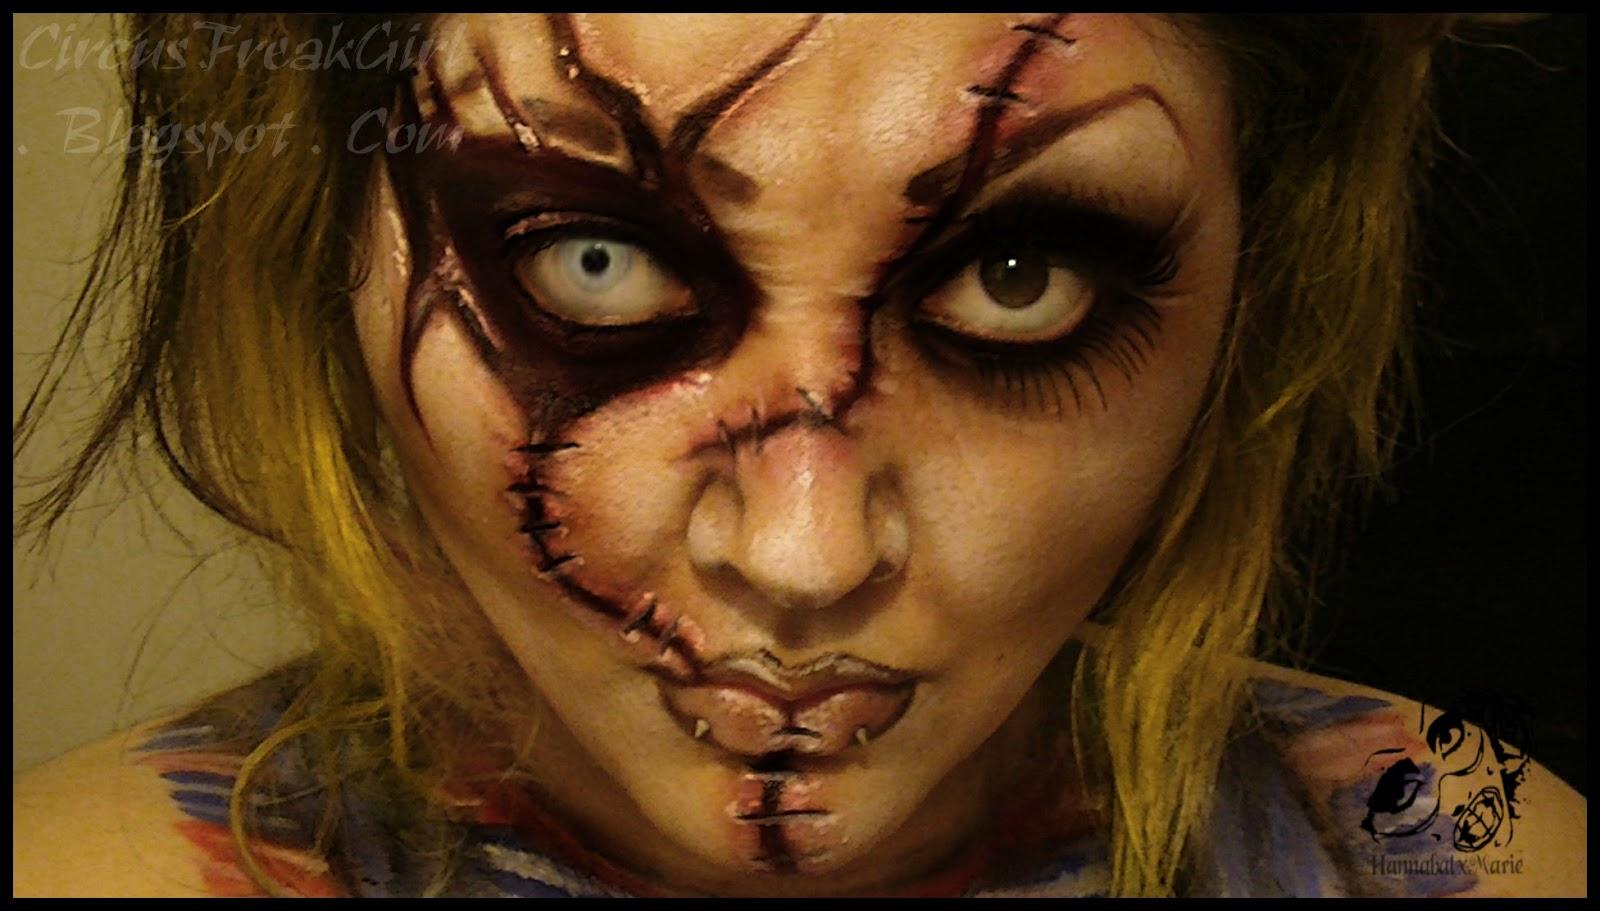 Makeup Ideas » Chucky Makeup - Beautiful Makeup Ideas and Tutorials